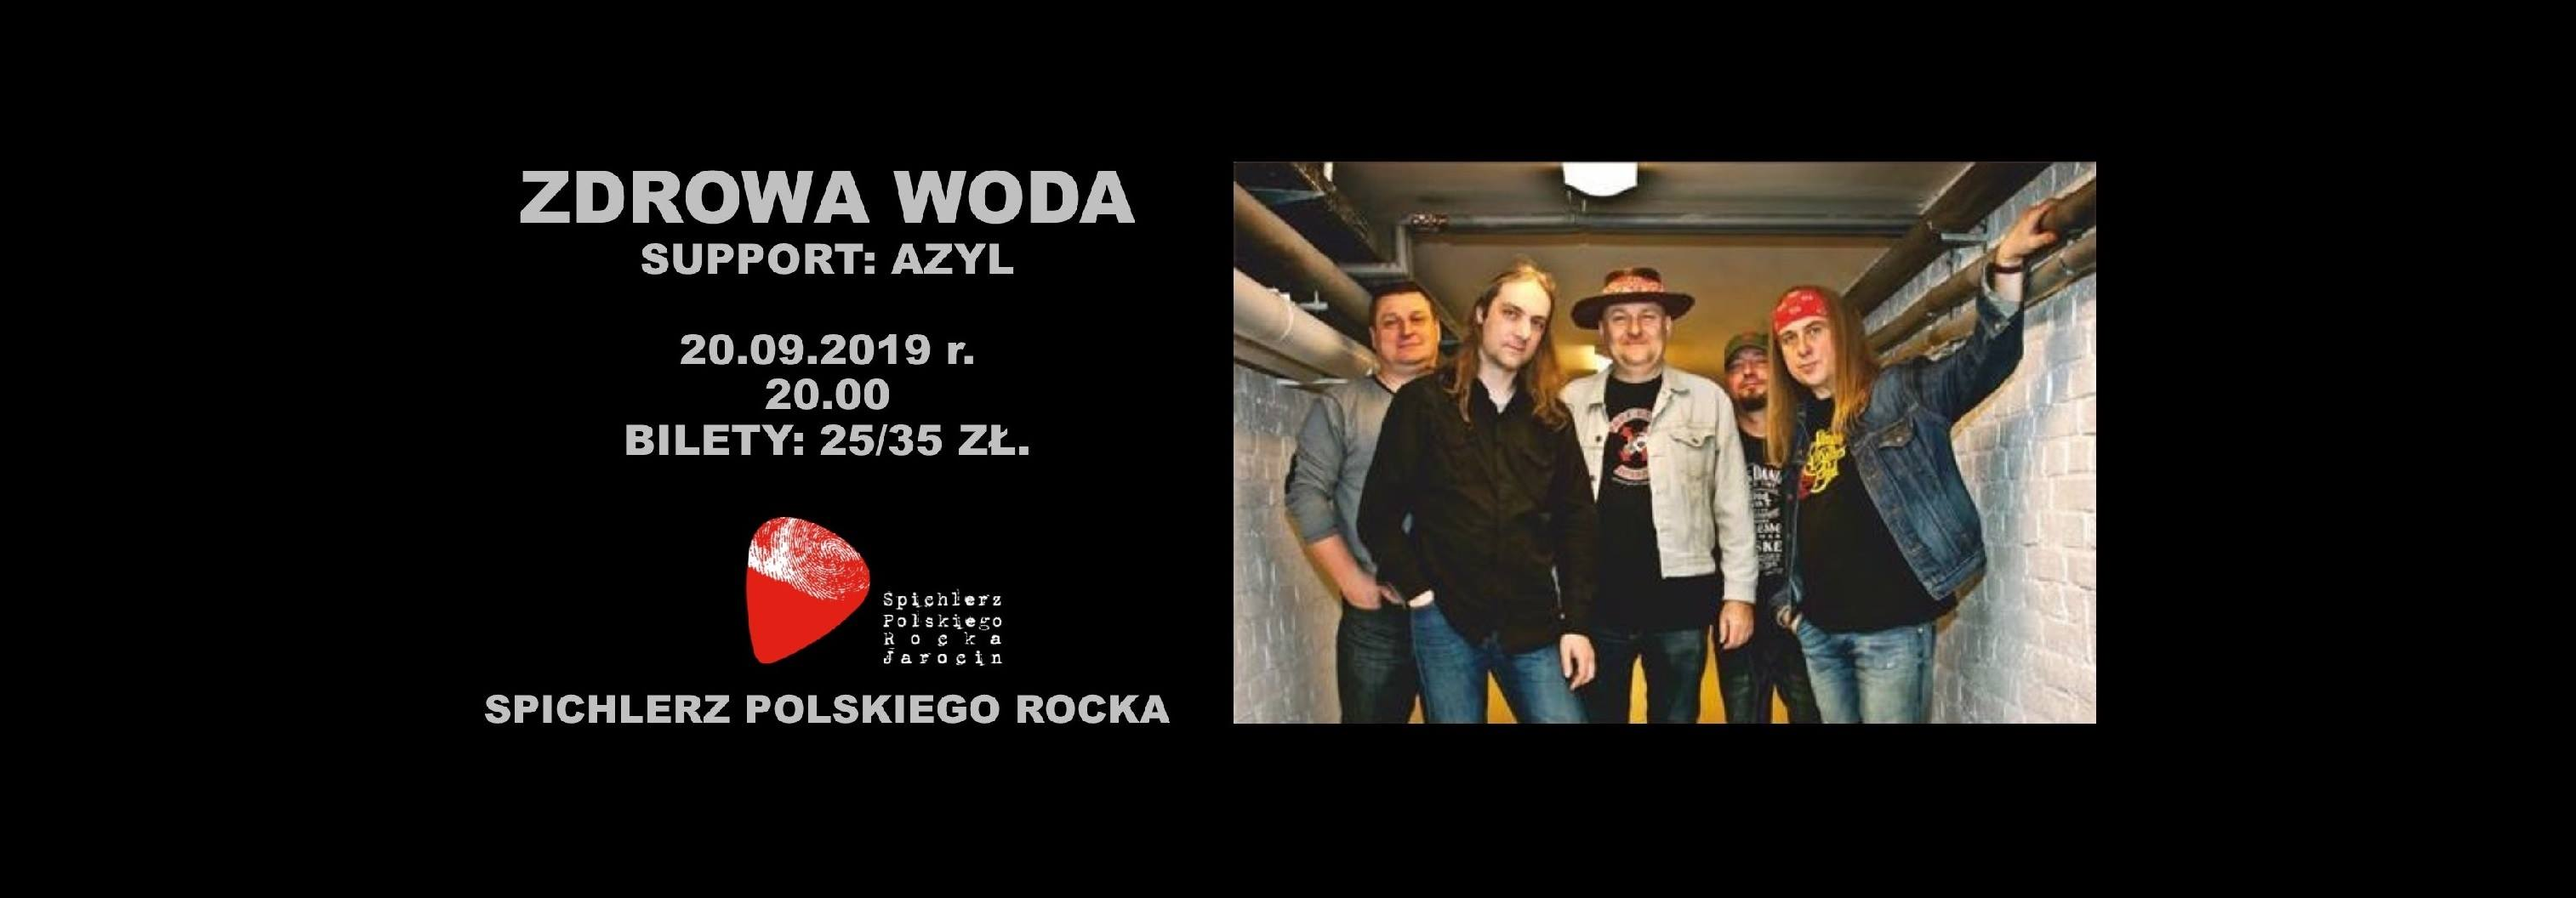 Dzień Bluesa w SPR! Zapraszamy na koncert zespołu Zdrowa Woda.